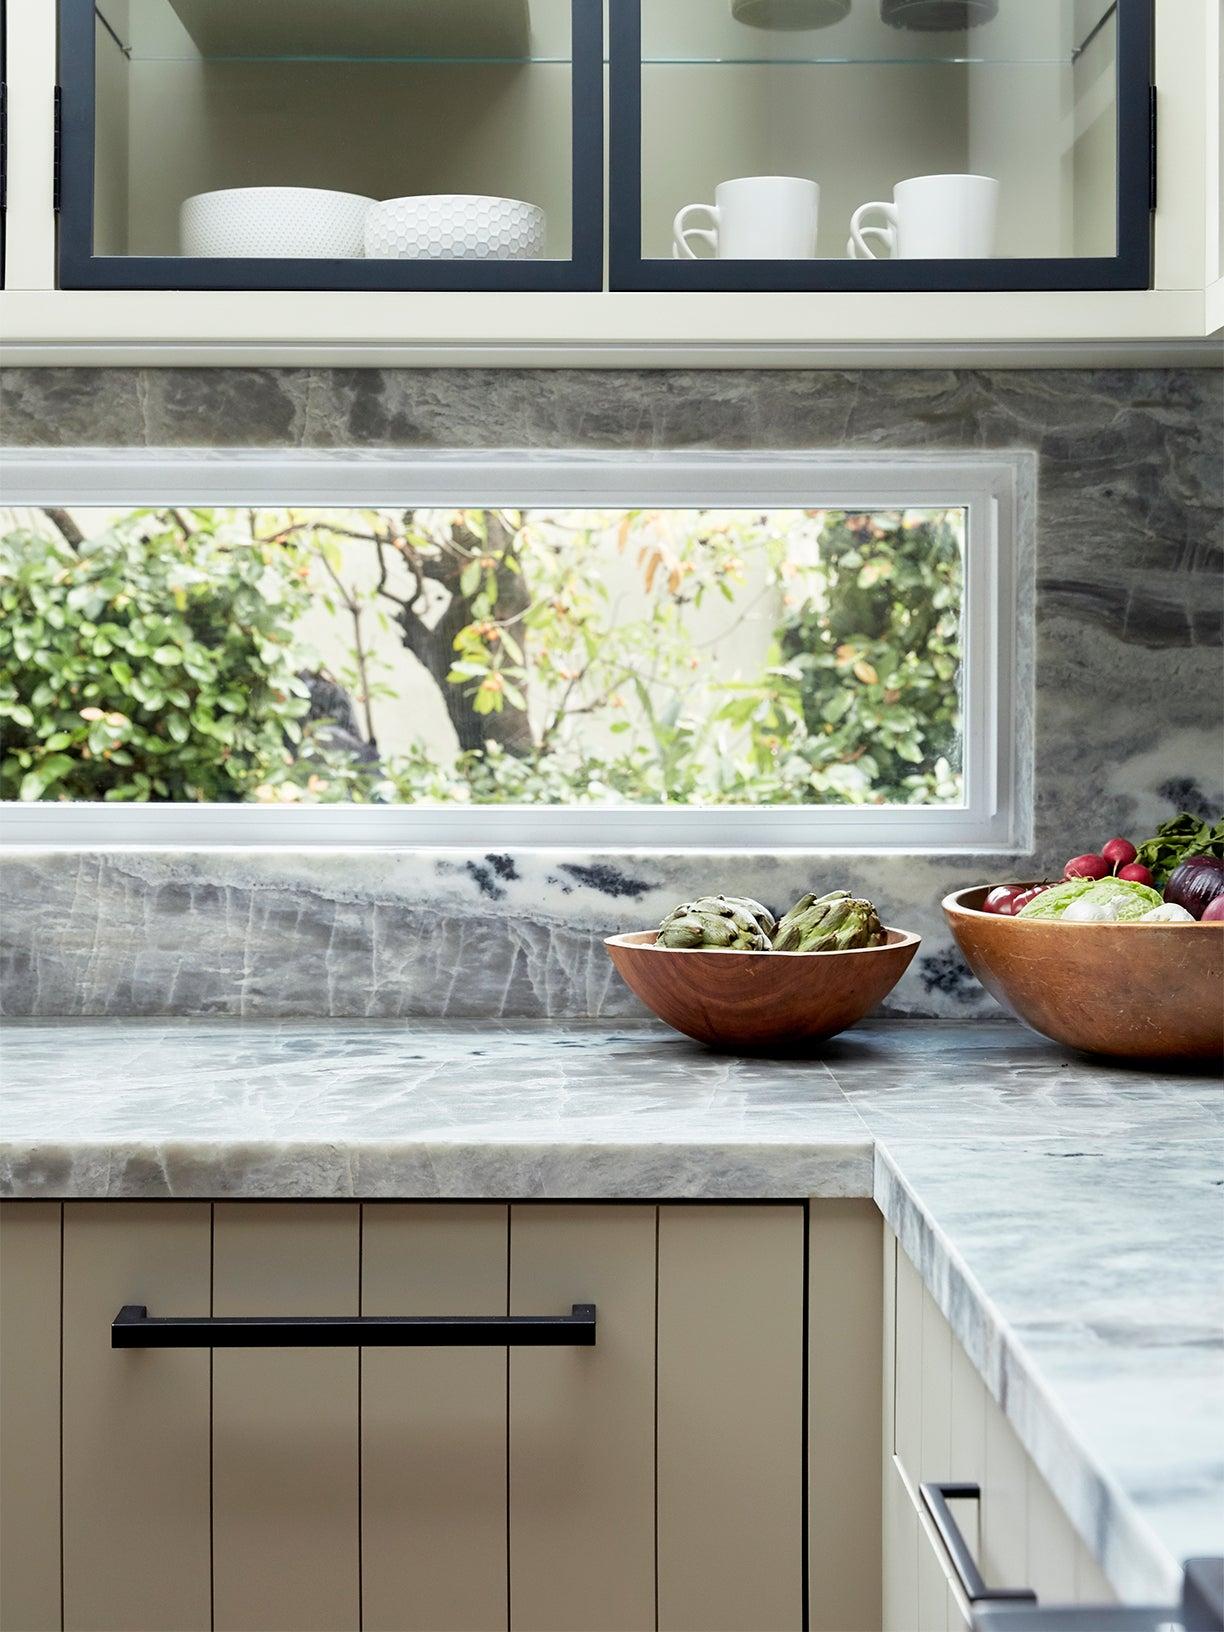 Kitchen With Backsplash Window Cutout